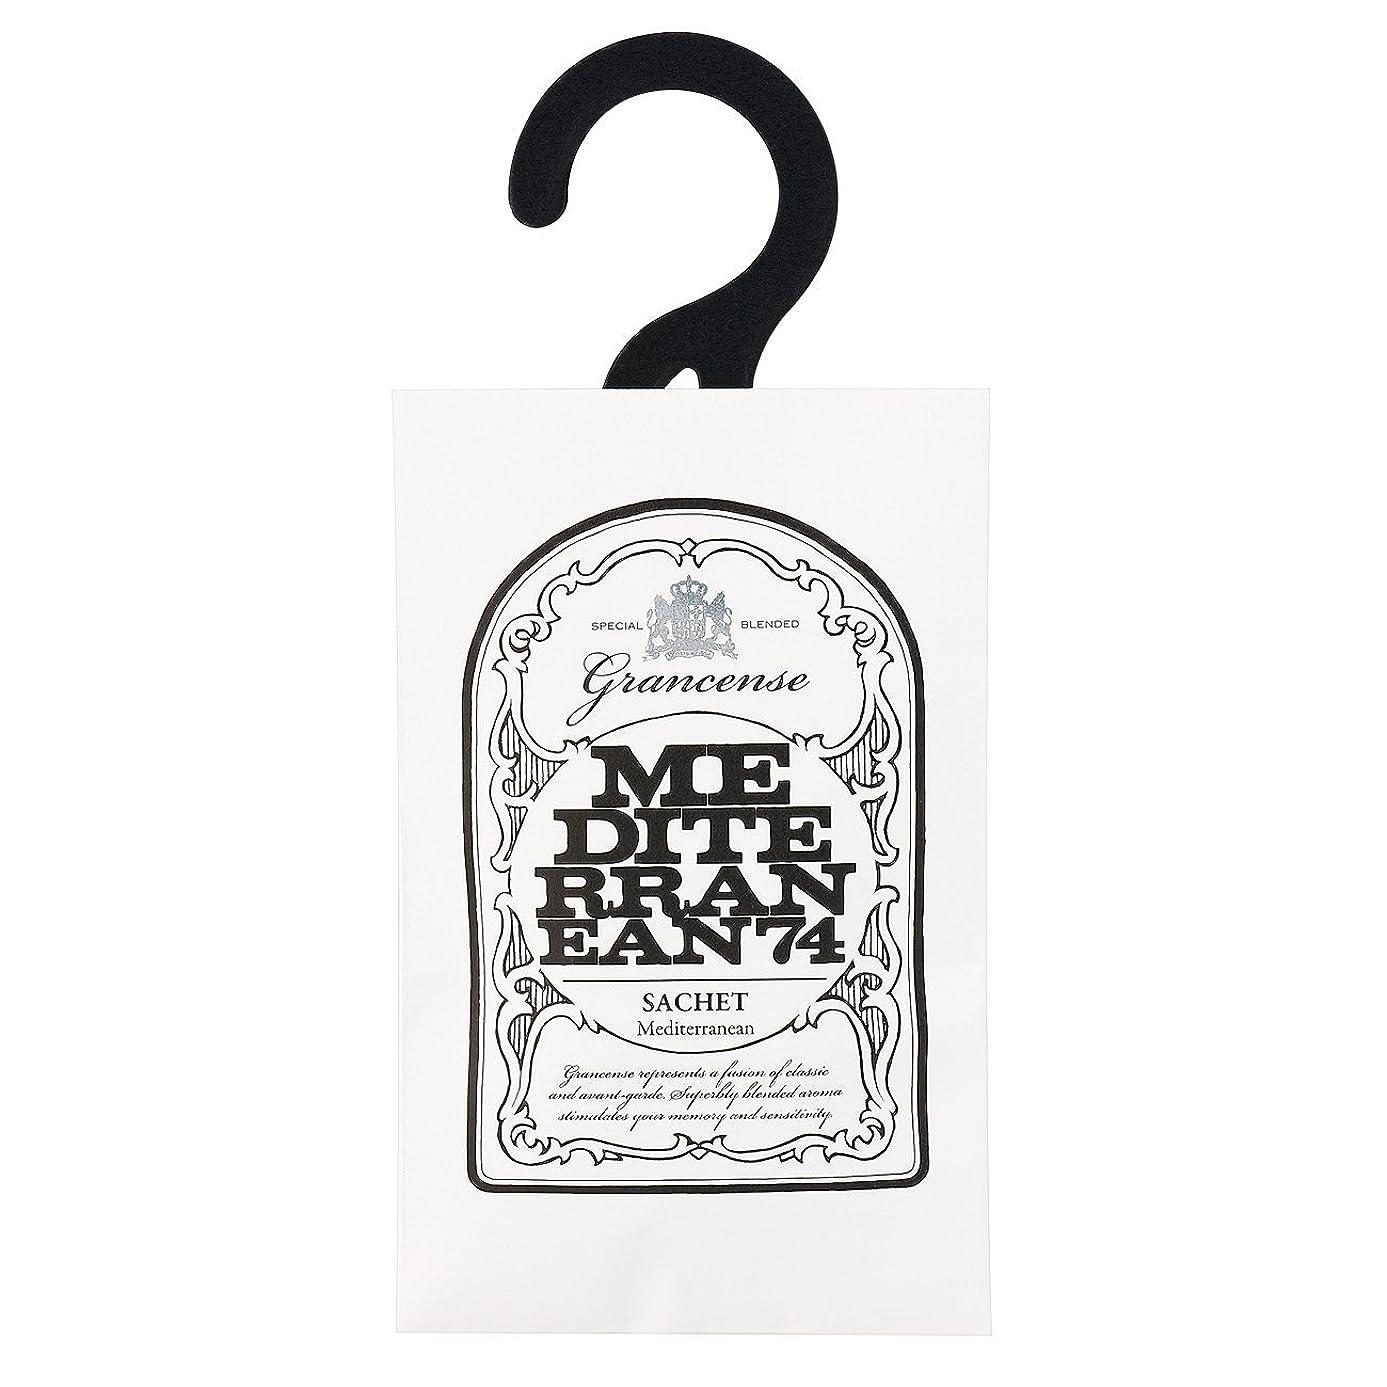 翻訳する暫定付属品グランセンス サシェ(約2~4週間) メディテレーニアン 12g(芳香剤 香り袋 アロマサシェ 潮風を感じさせてくれるアクアティック?フローラルの香り)